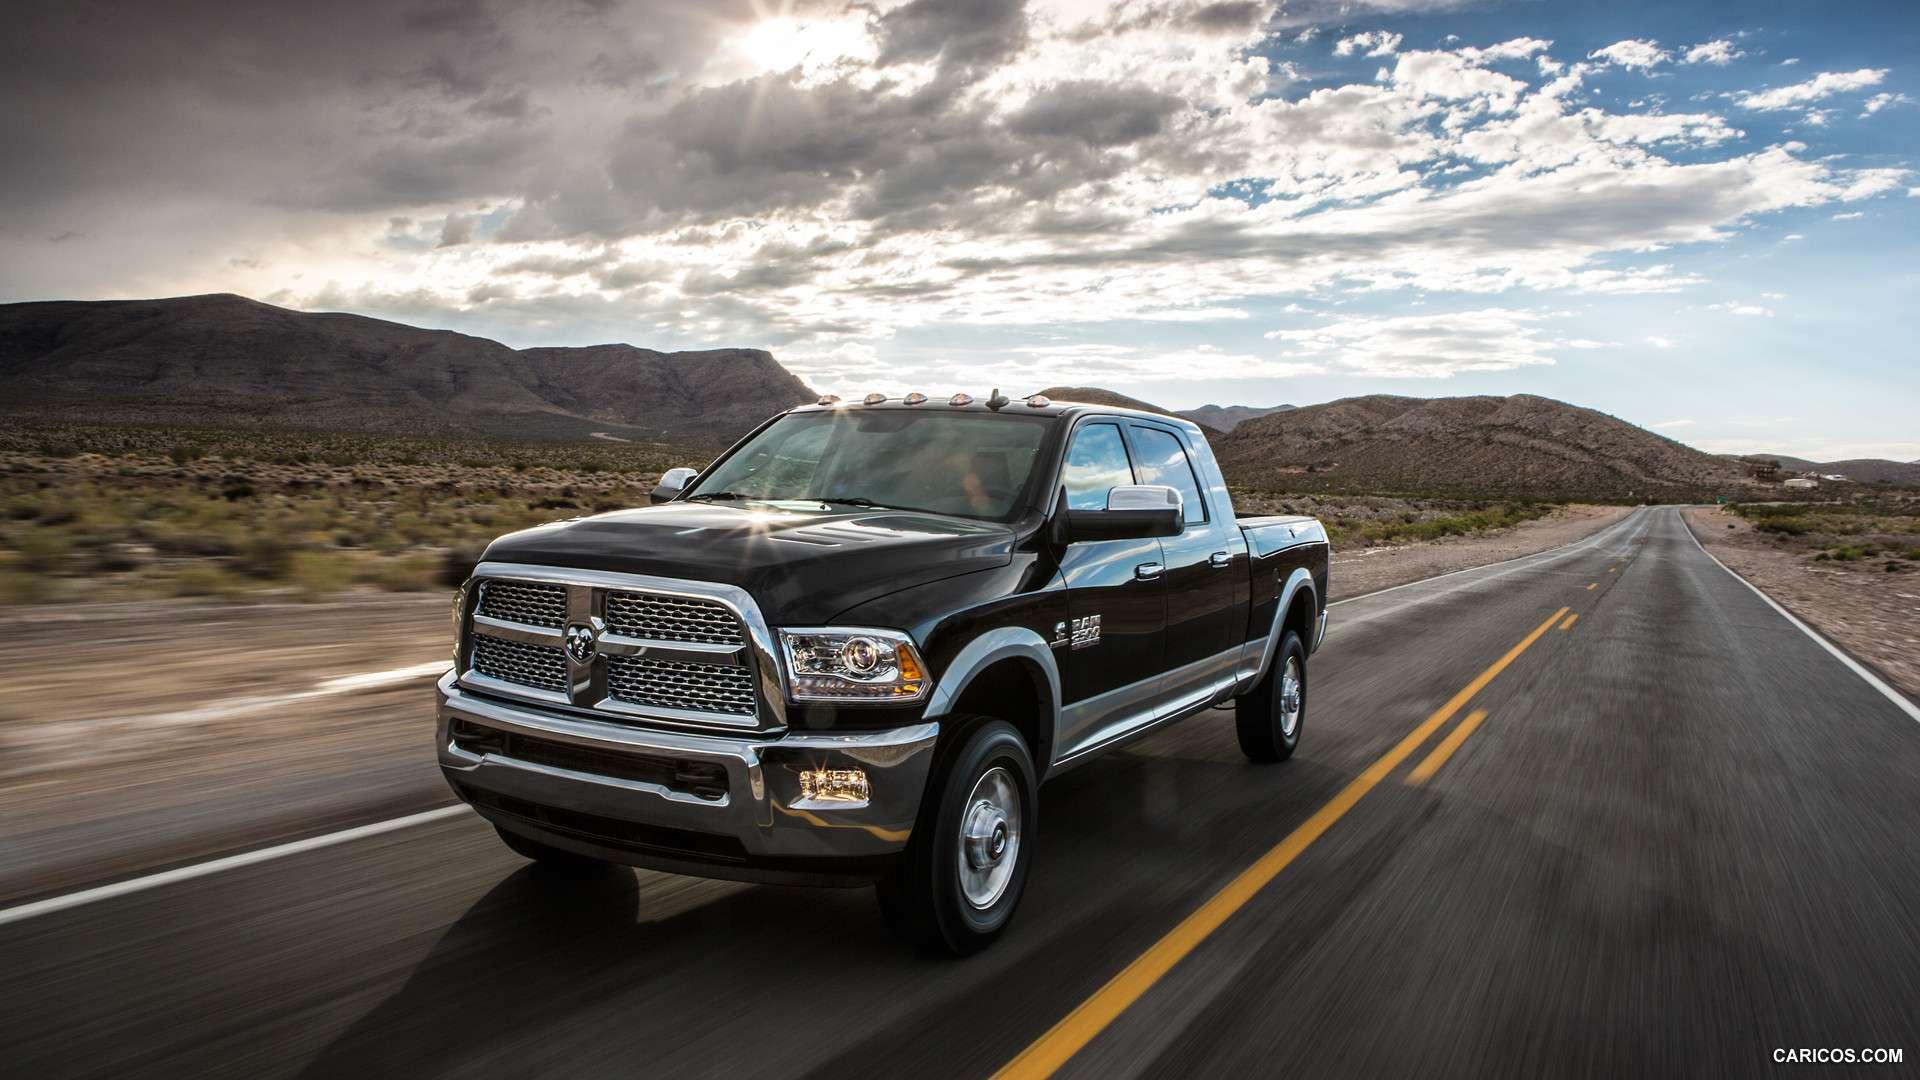 Hd Dodge Truck 4k Background Dodge Ram 1500 Wallpaper Hd 1920x1080 Wallpaper Teahub Io